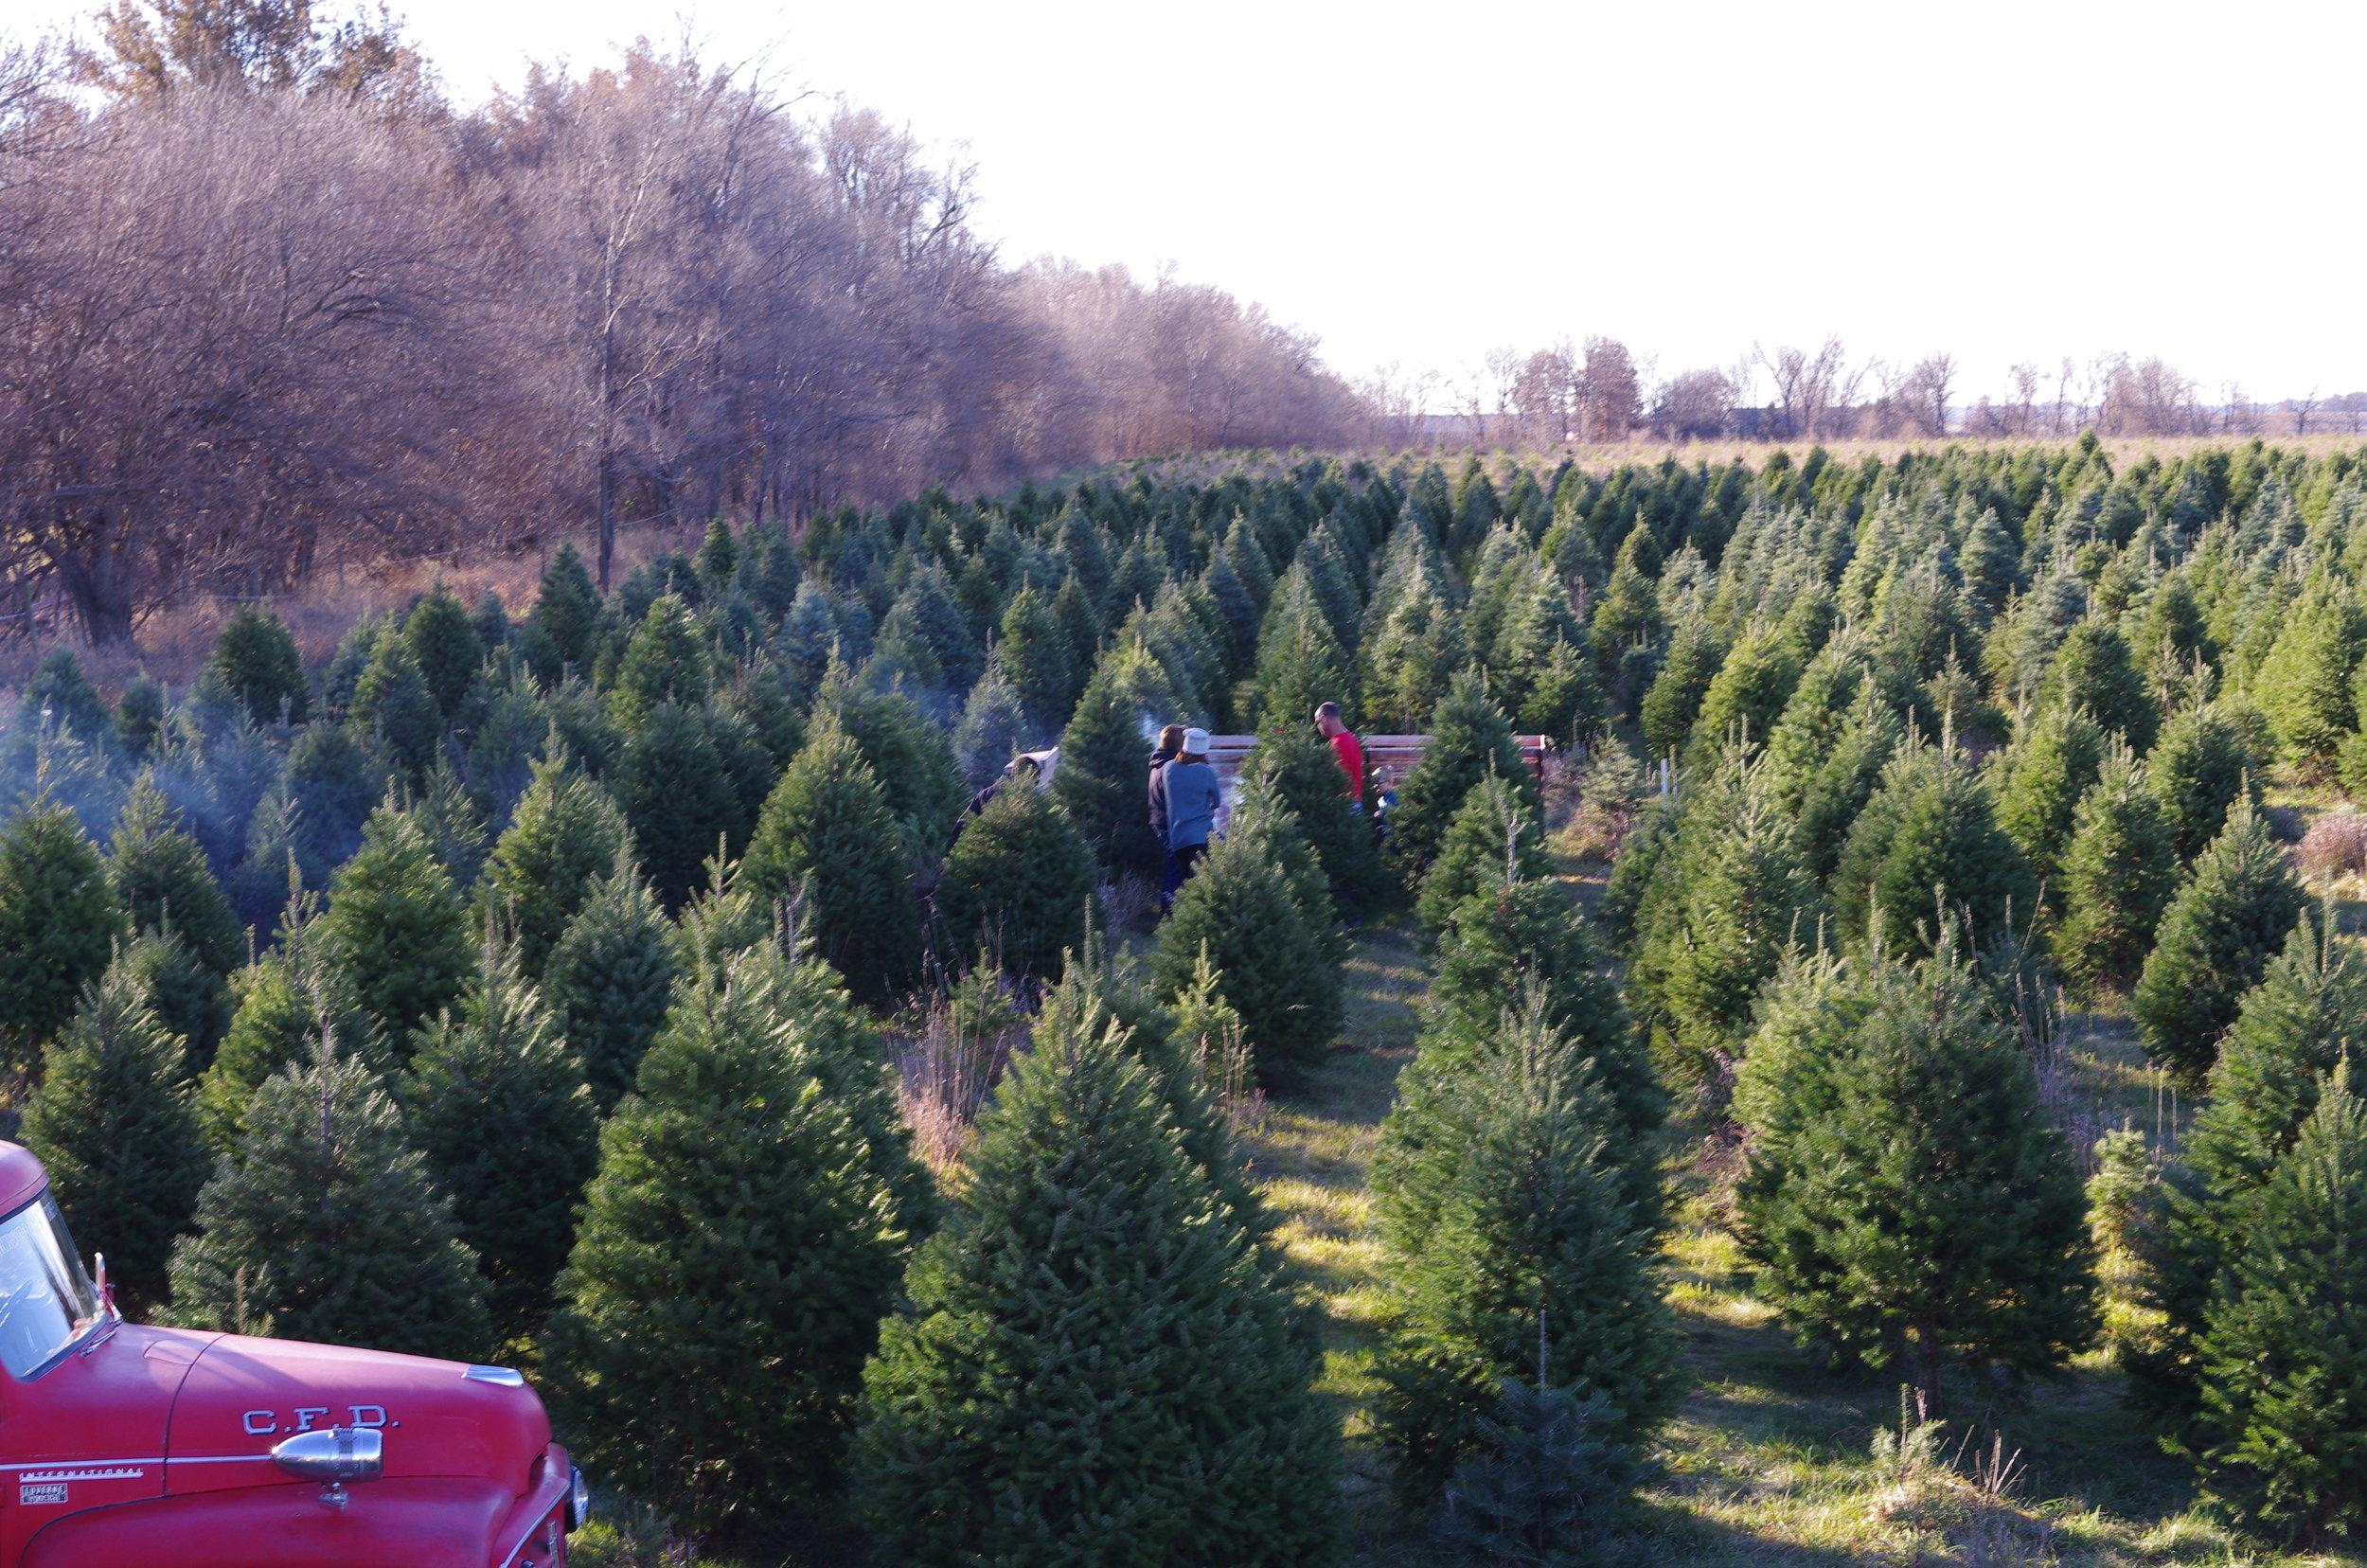 nordstroms tree farm fresh douglas - Nordstrom Christmas Hours